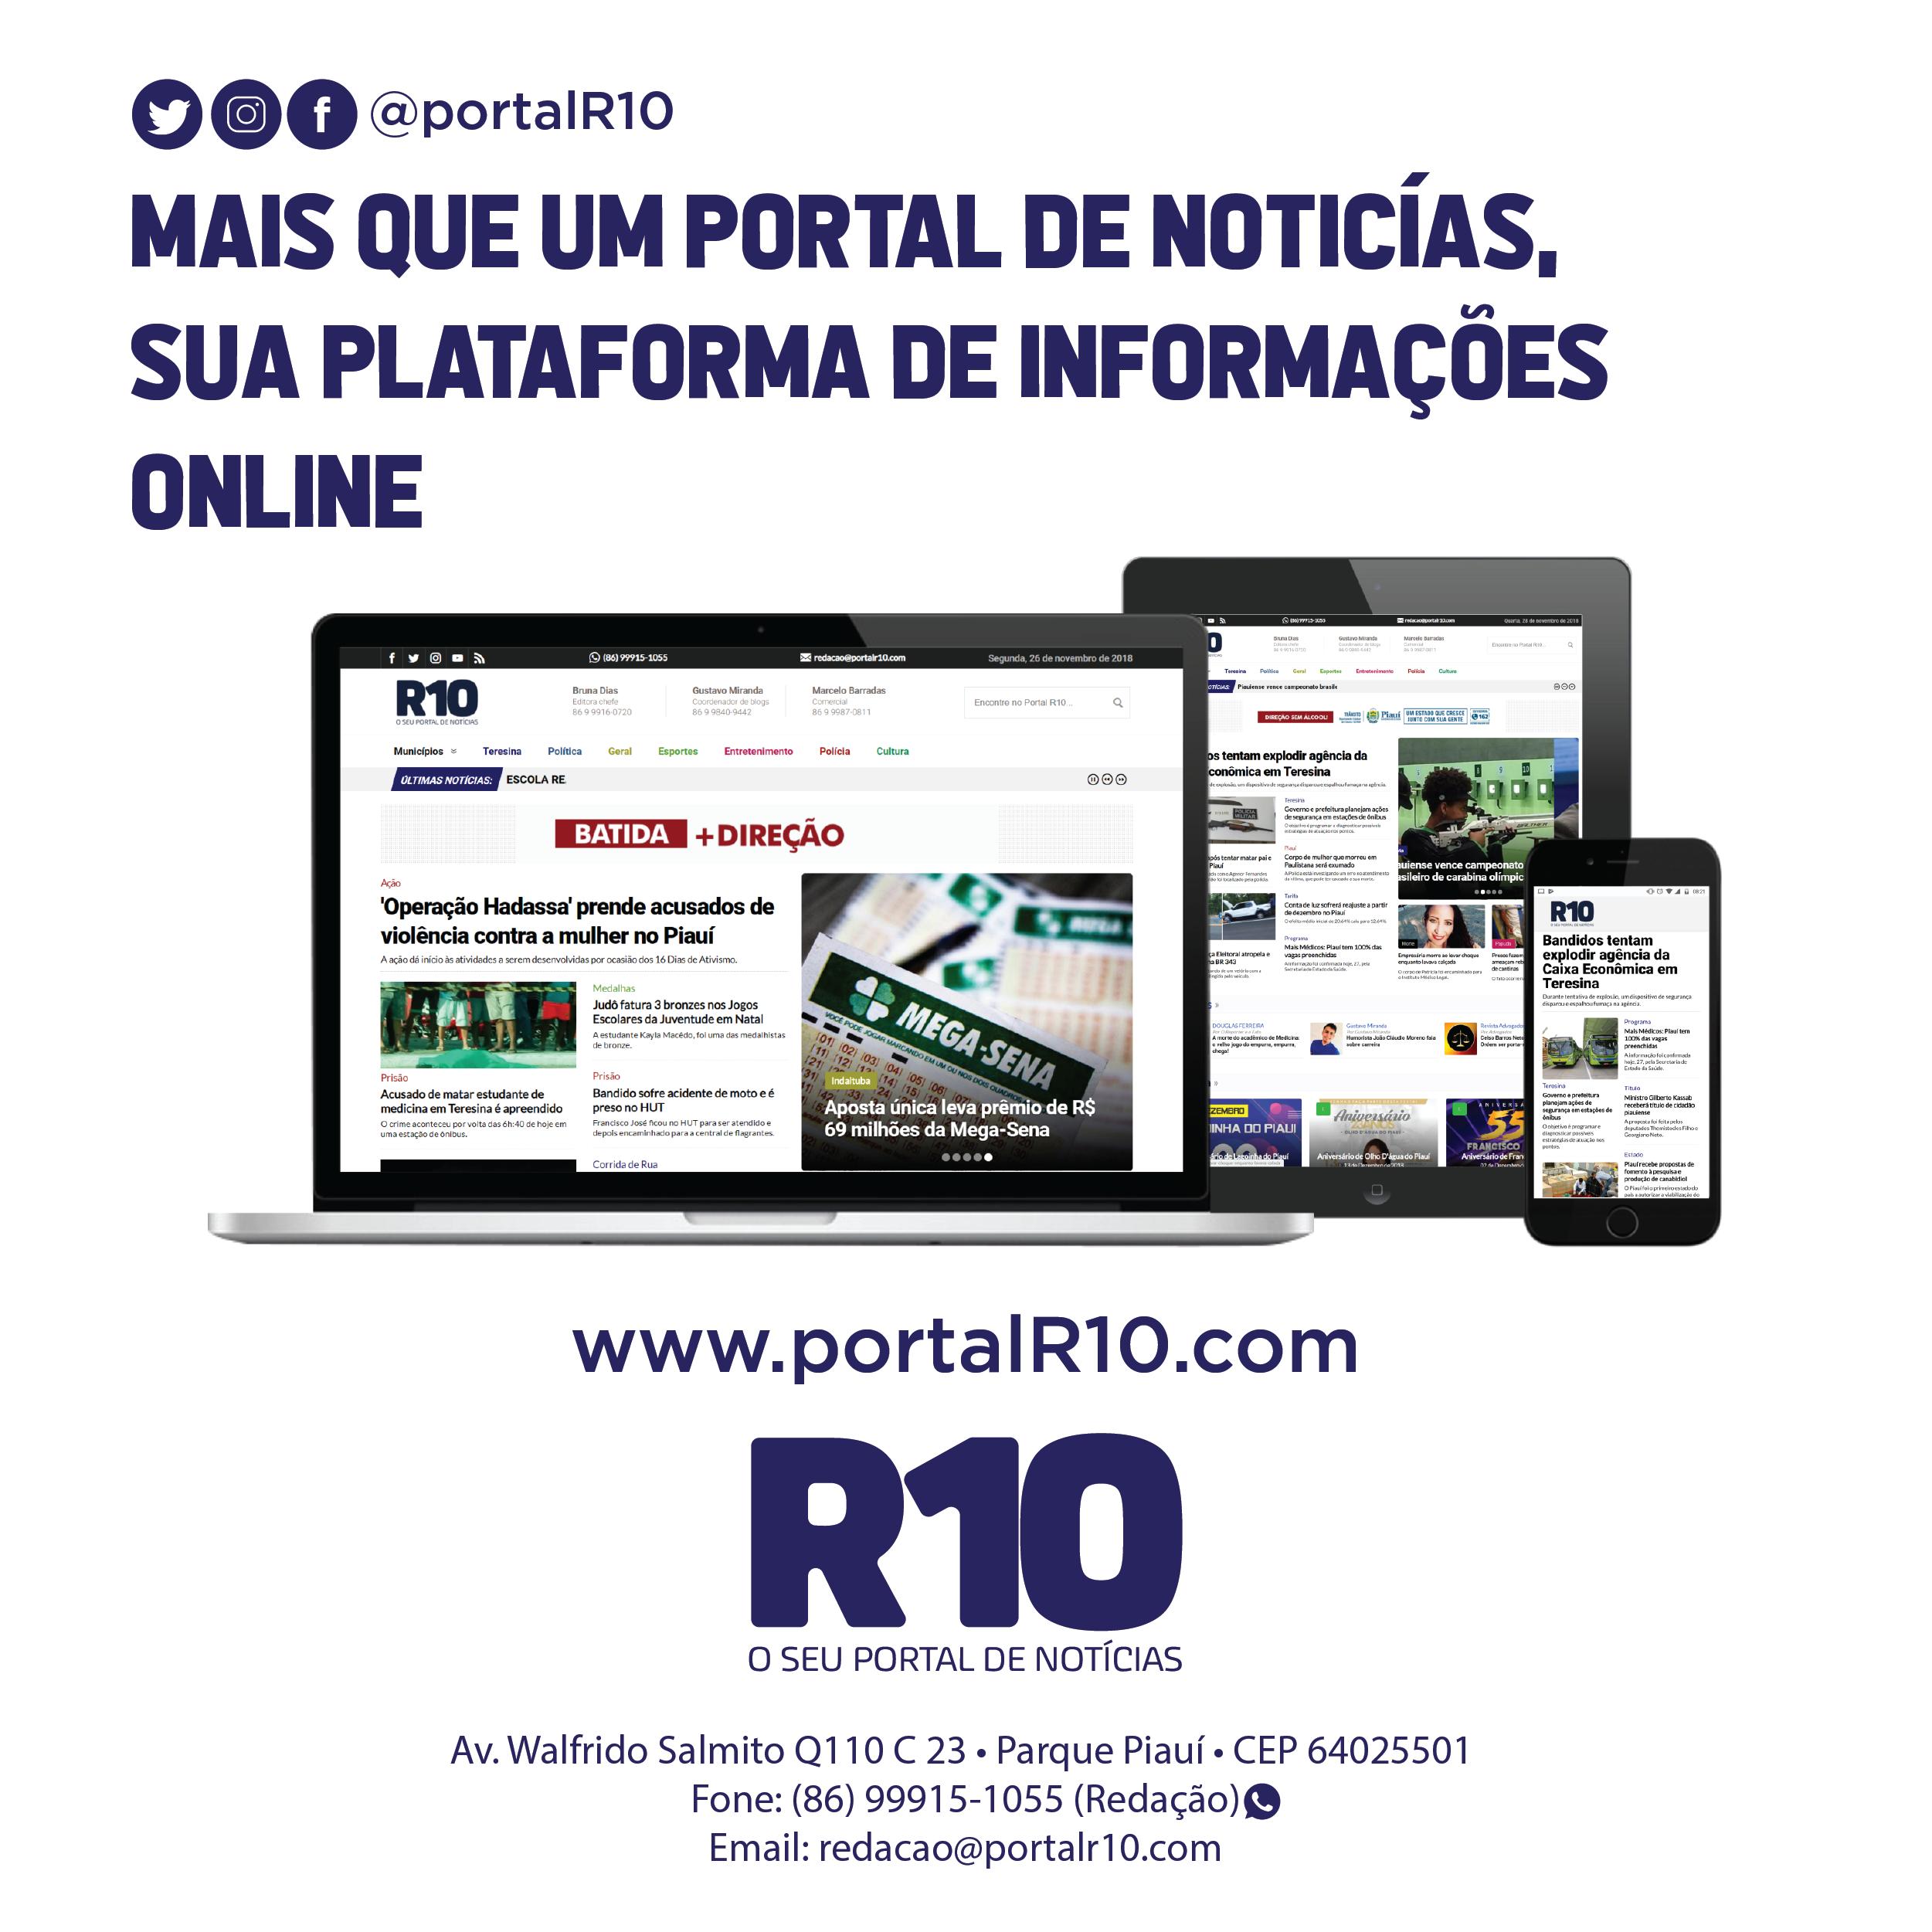 R10 - Parnaiba